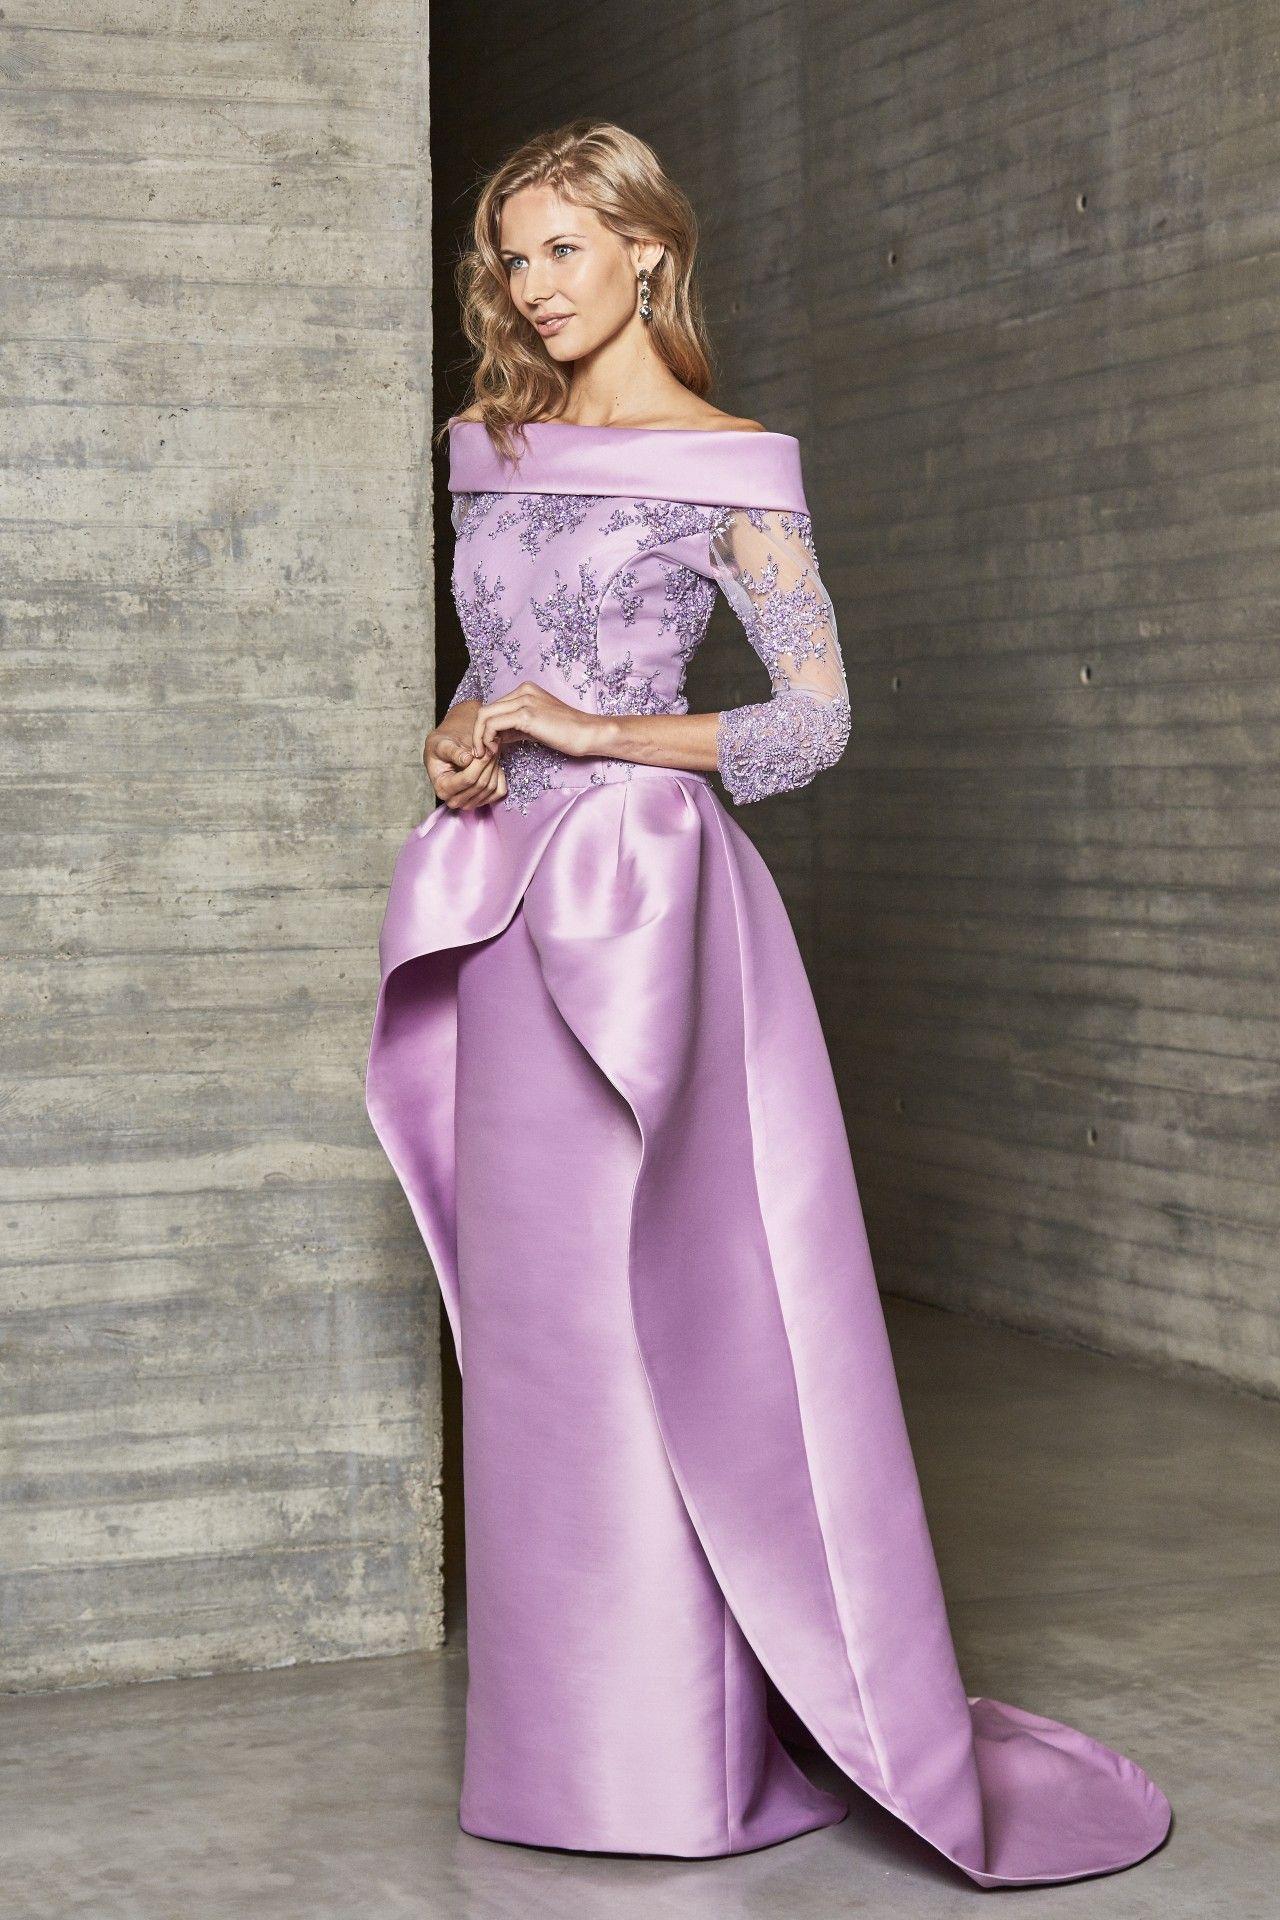 30abebbb5 Vestidos De Madrina Largos · Modelo 18260A de Ana Torres. Espectacular  vestido de madrina 2018 en mikado malva rosa y